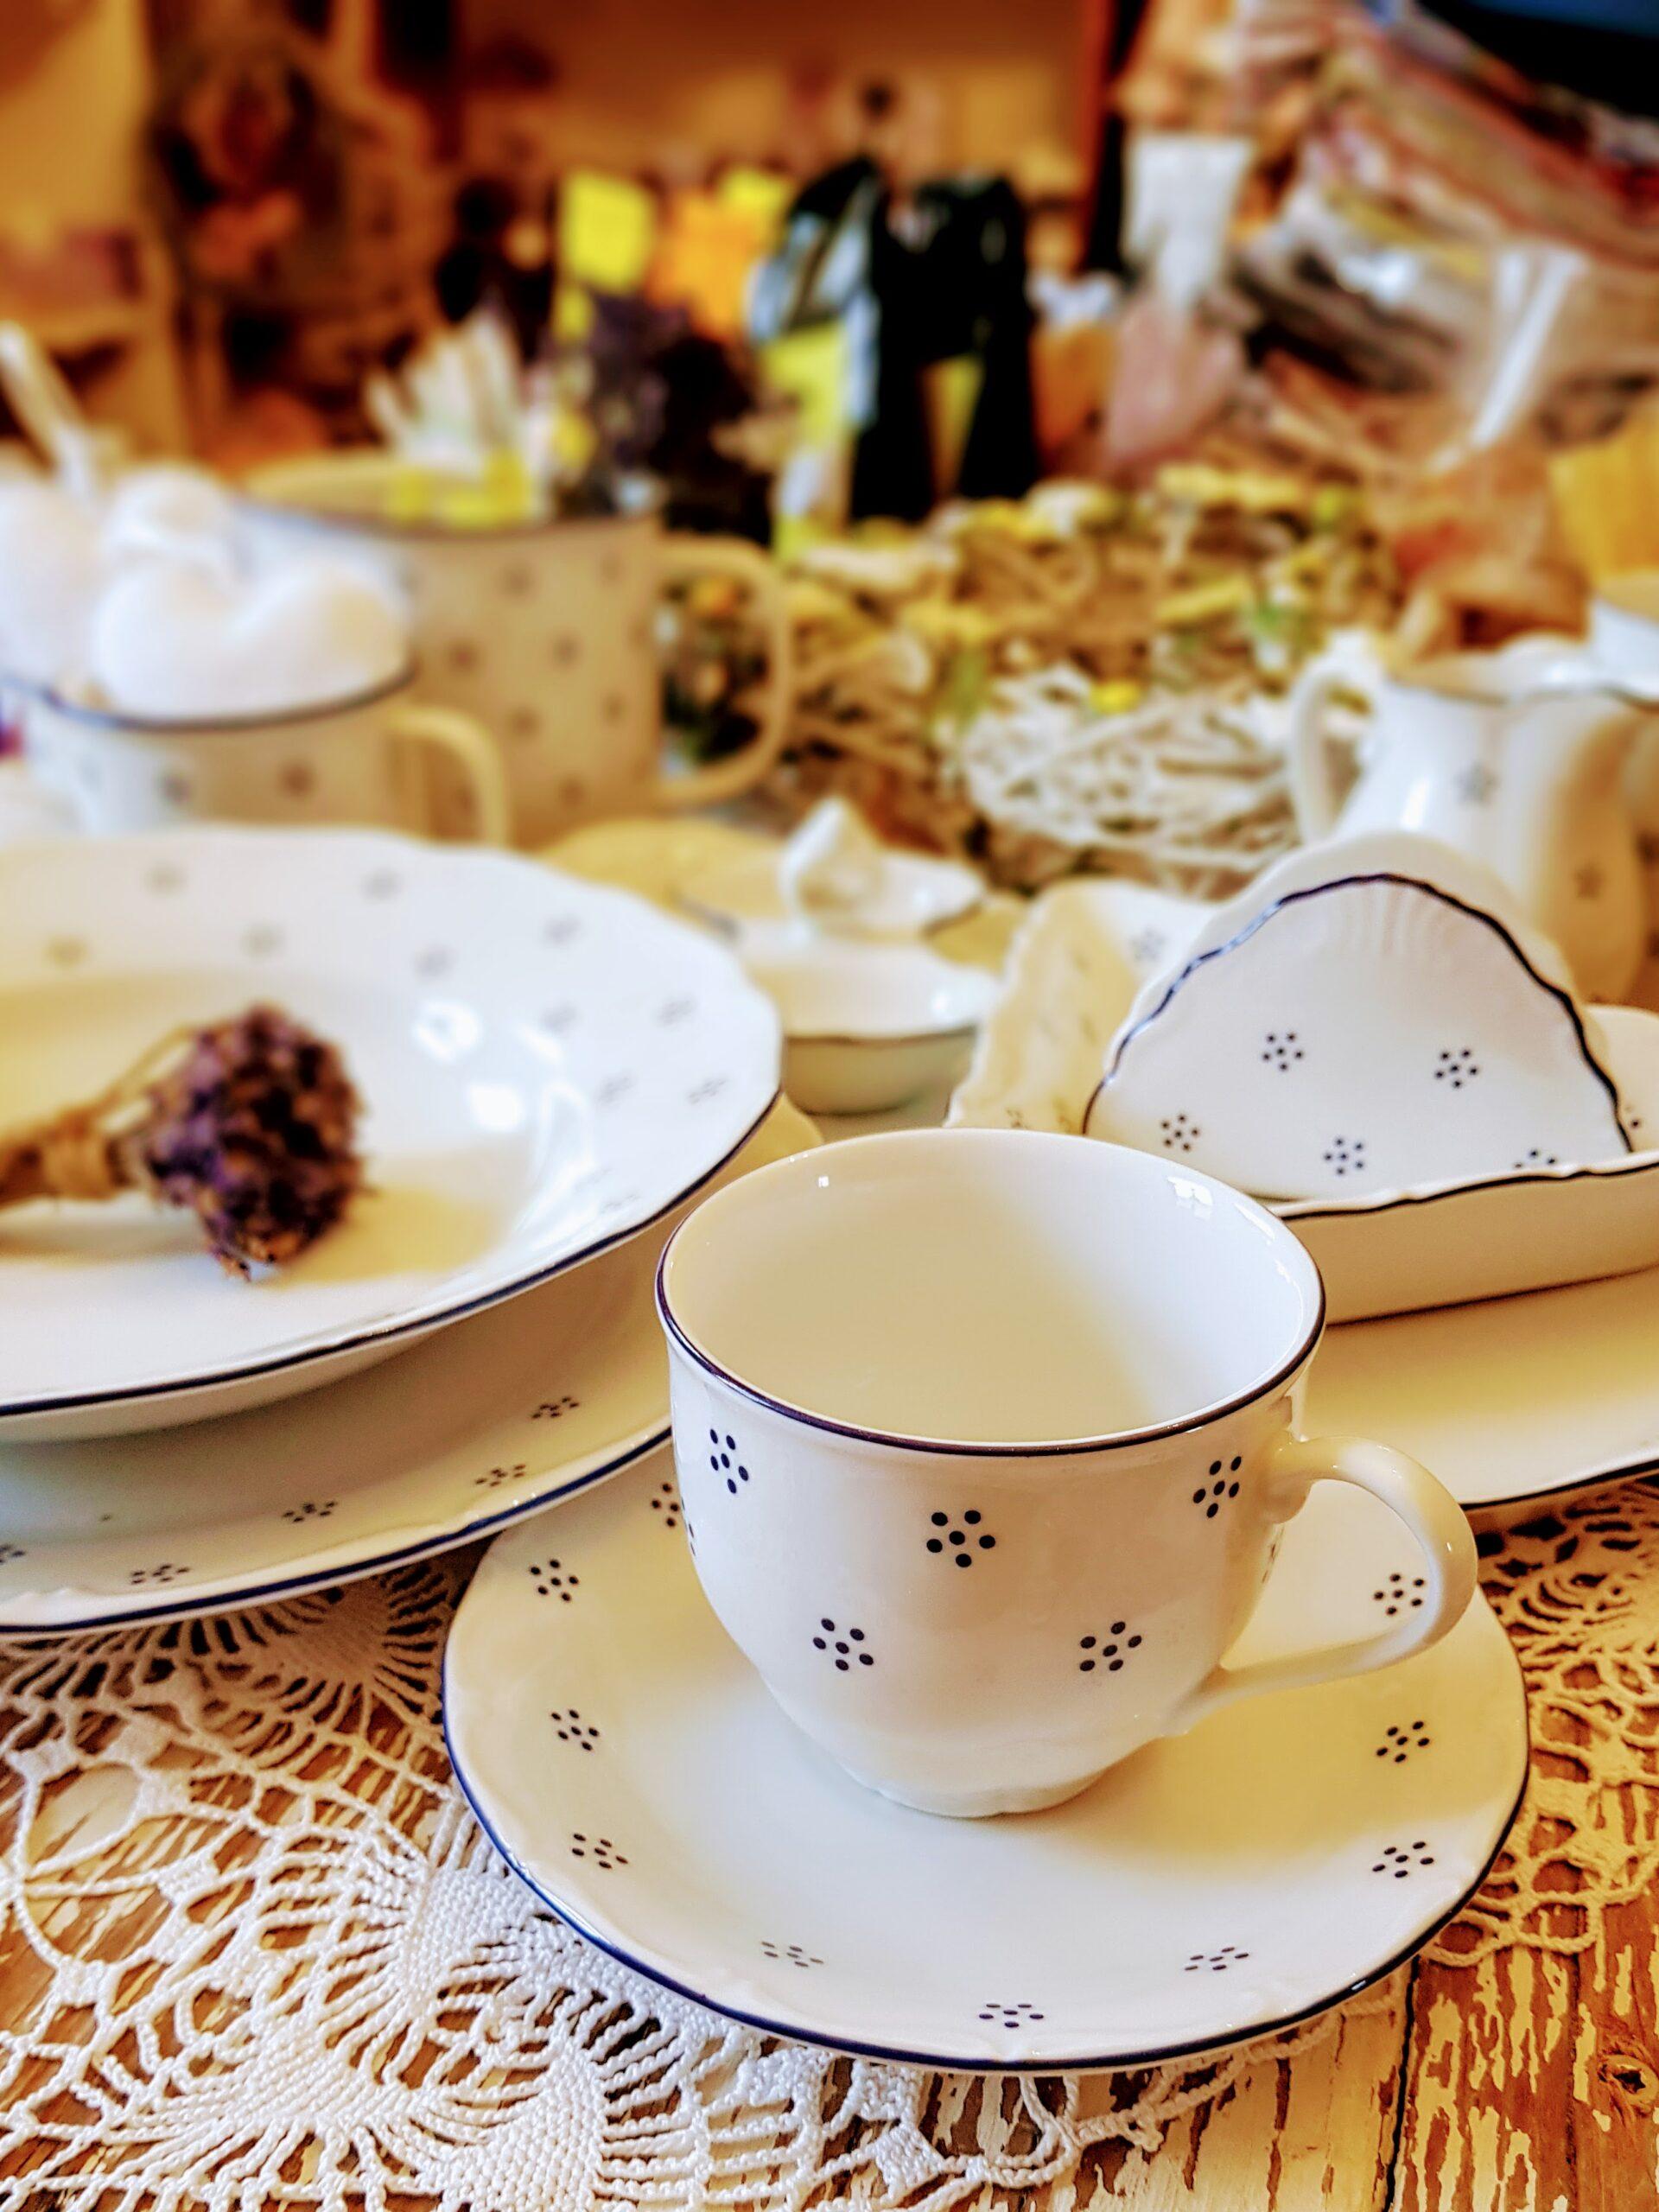 Porcelán a nádobí